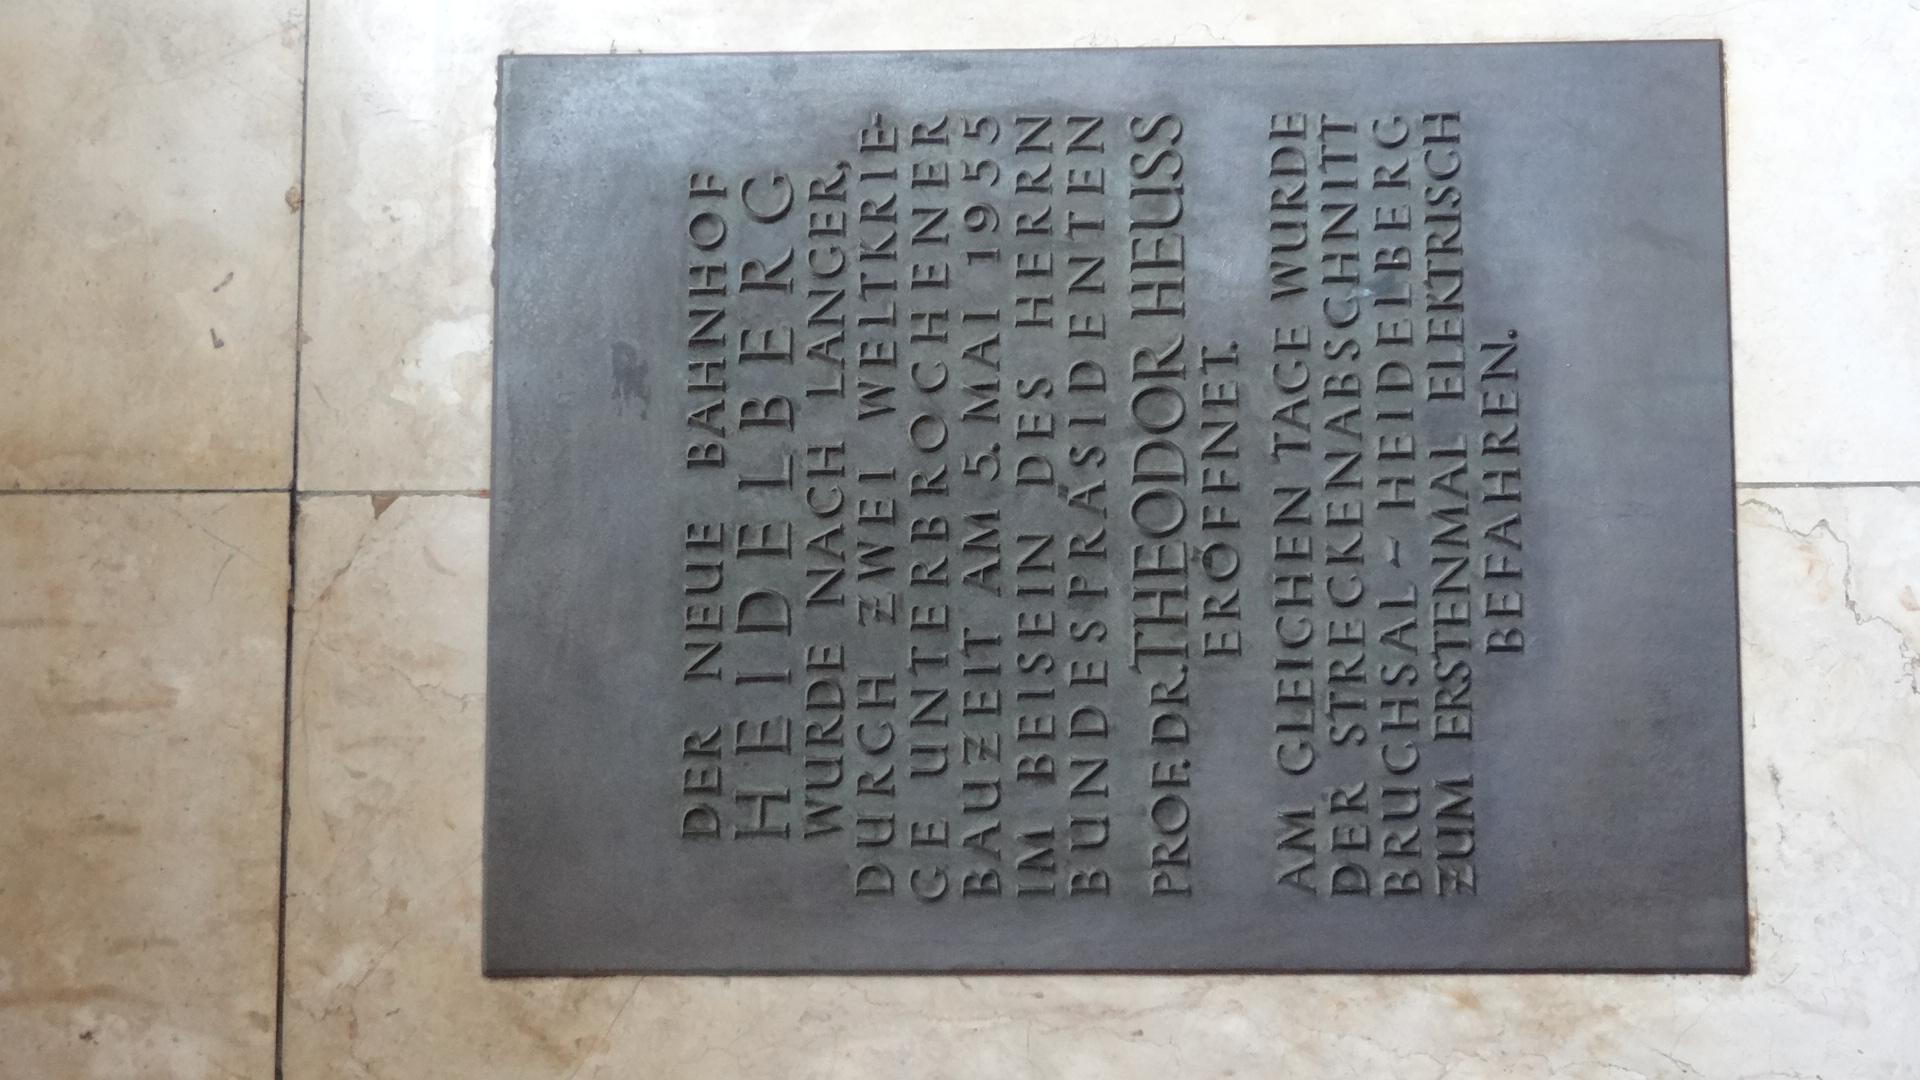 Erinnerungstafel zur Geschichte des Heidelberger Hbf